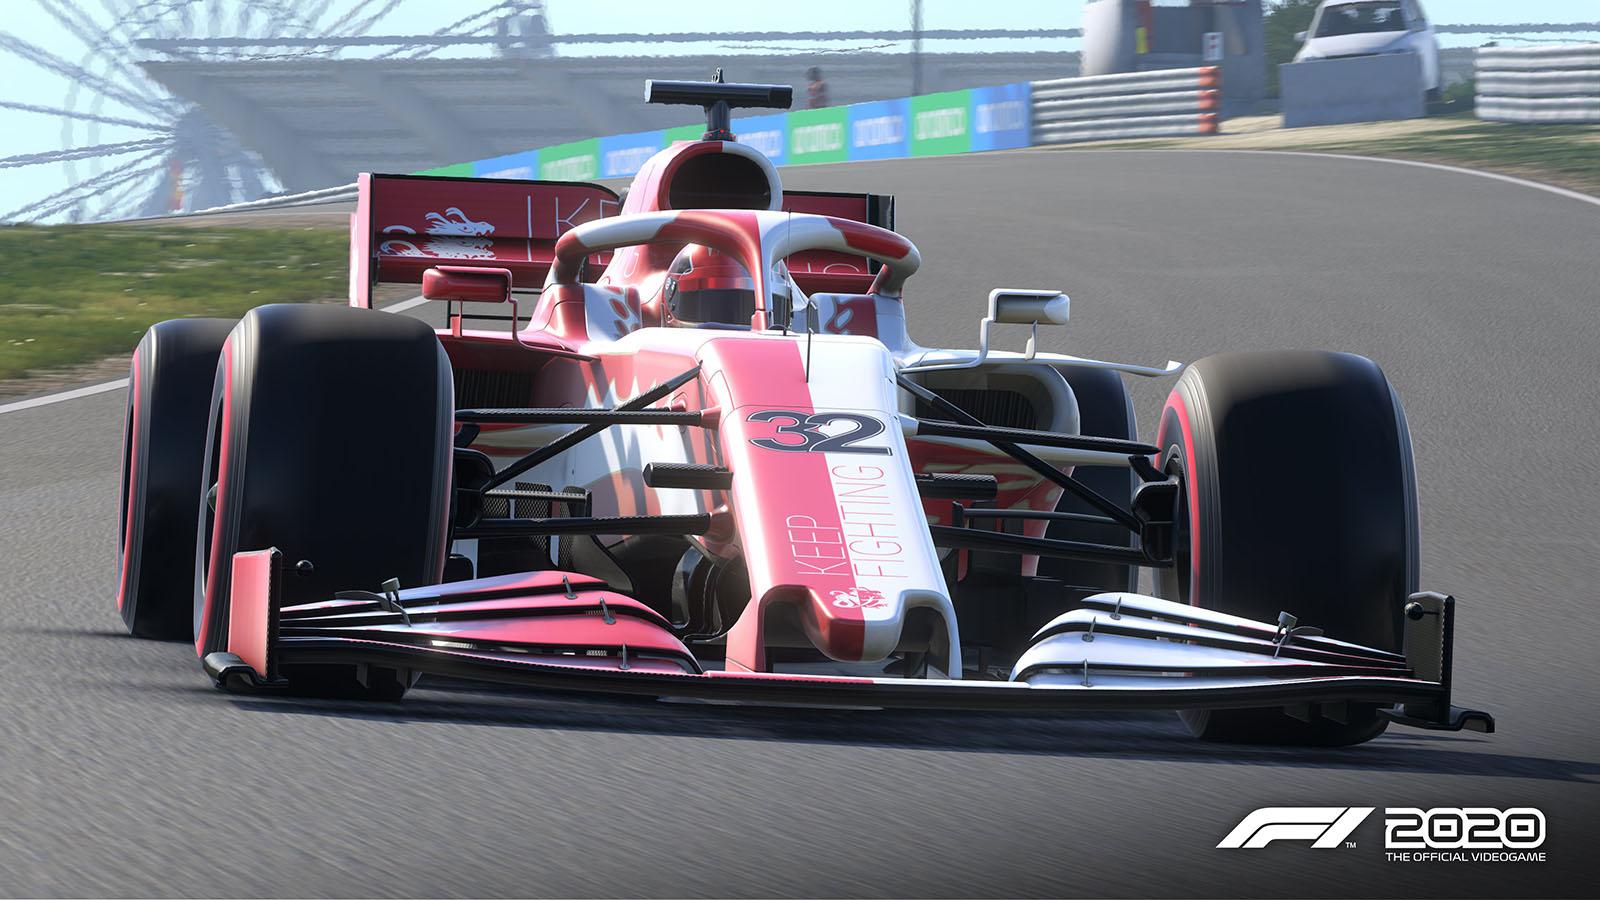 f1 2020 patch 1.07 update